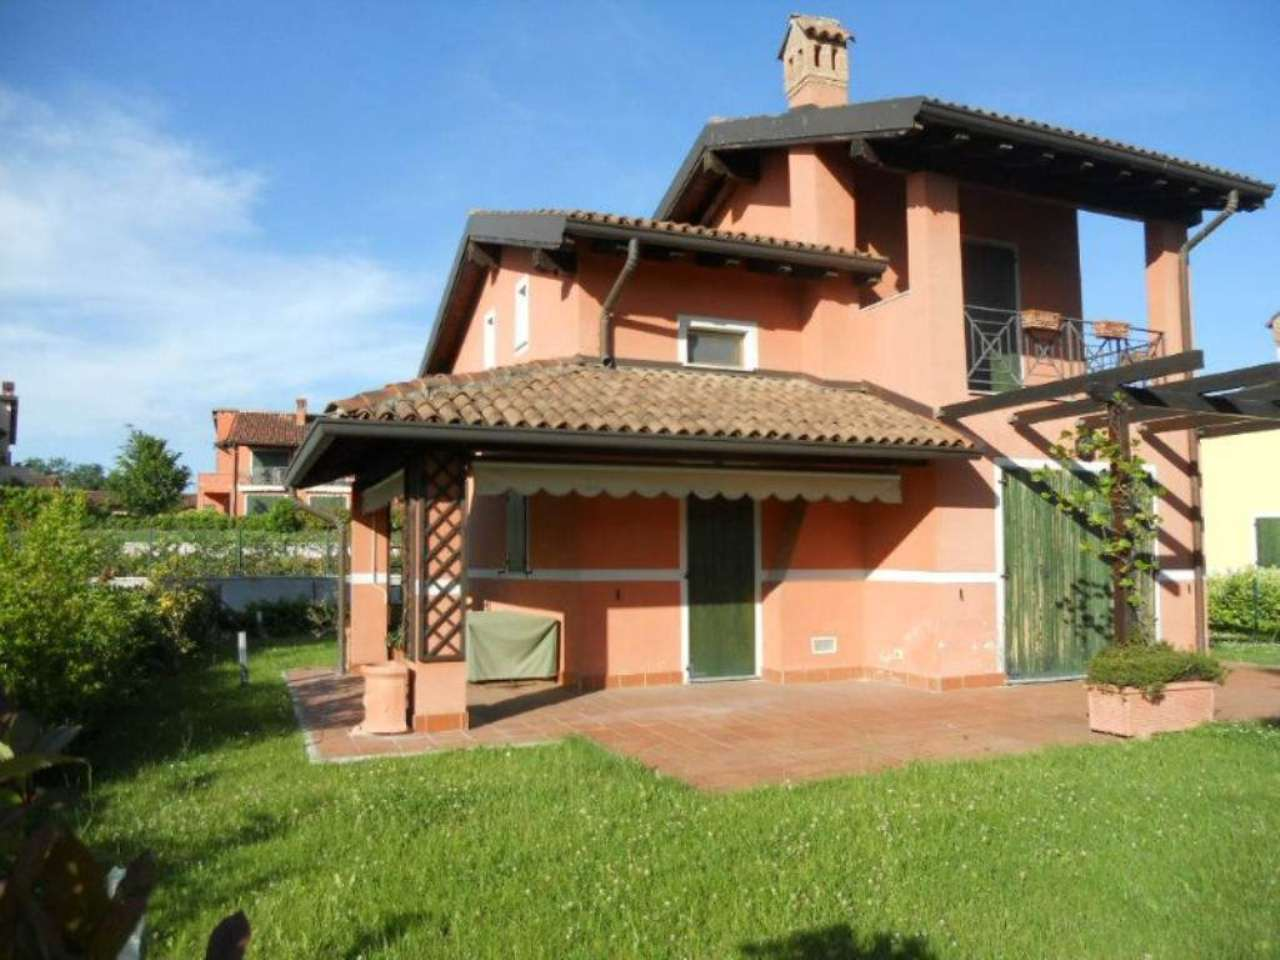 Villa in vendita a Tassarolo, 6 locali, prezzo € 340.000 | Cambio Casa.it